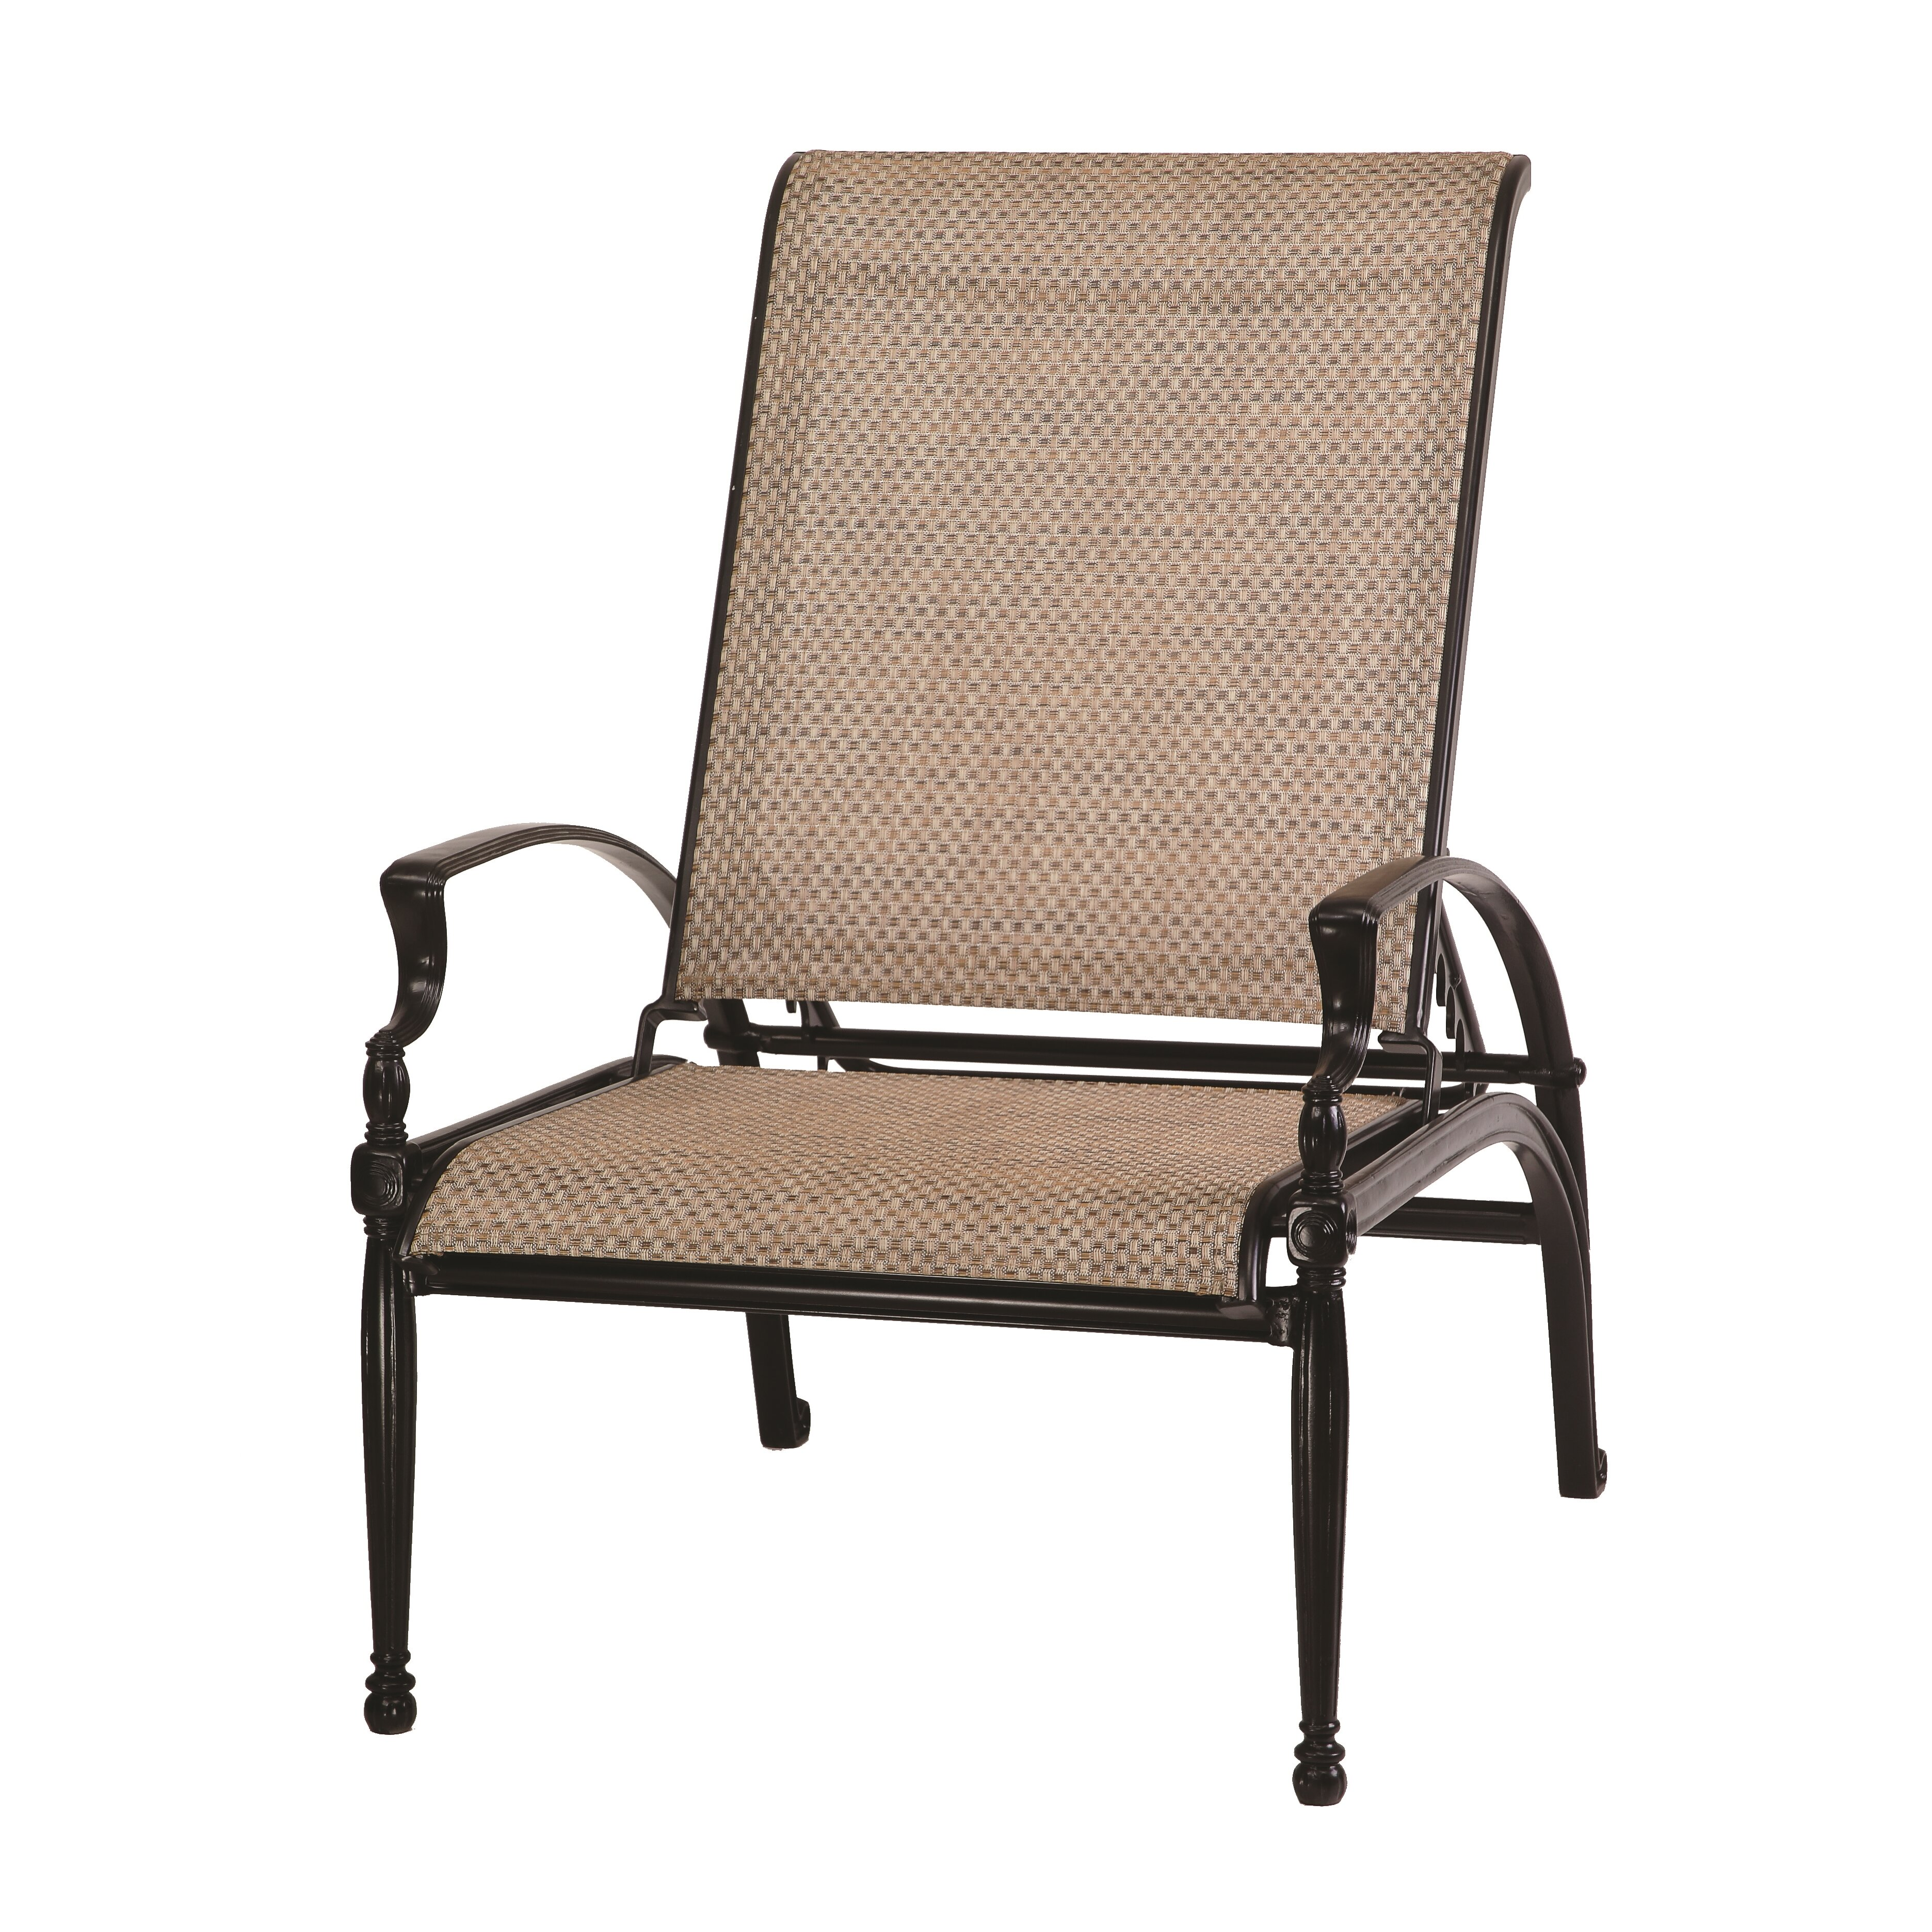 Gensun Casual Bel Air Reclining Chair